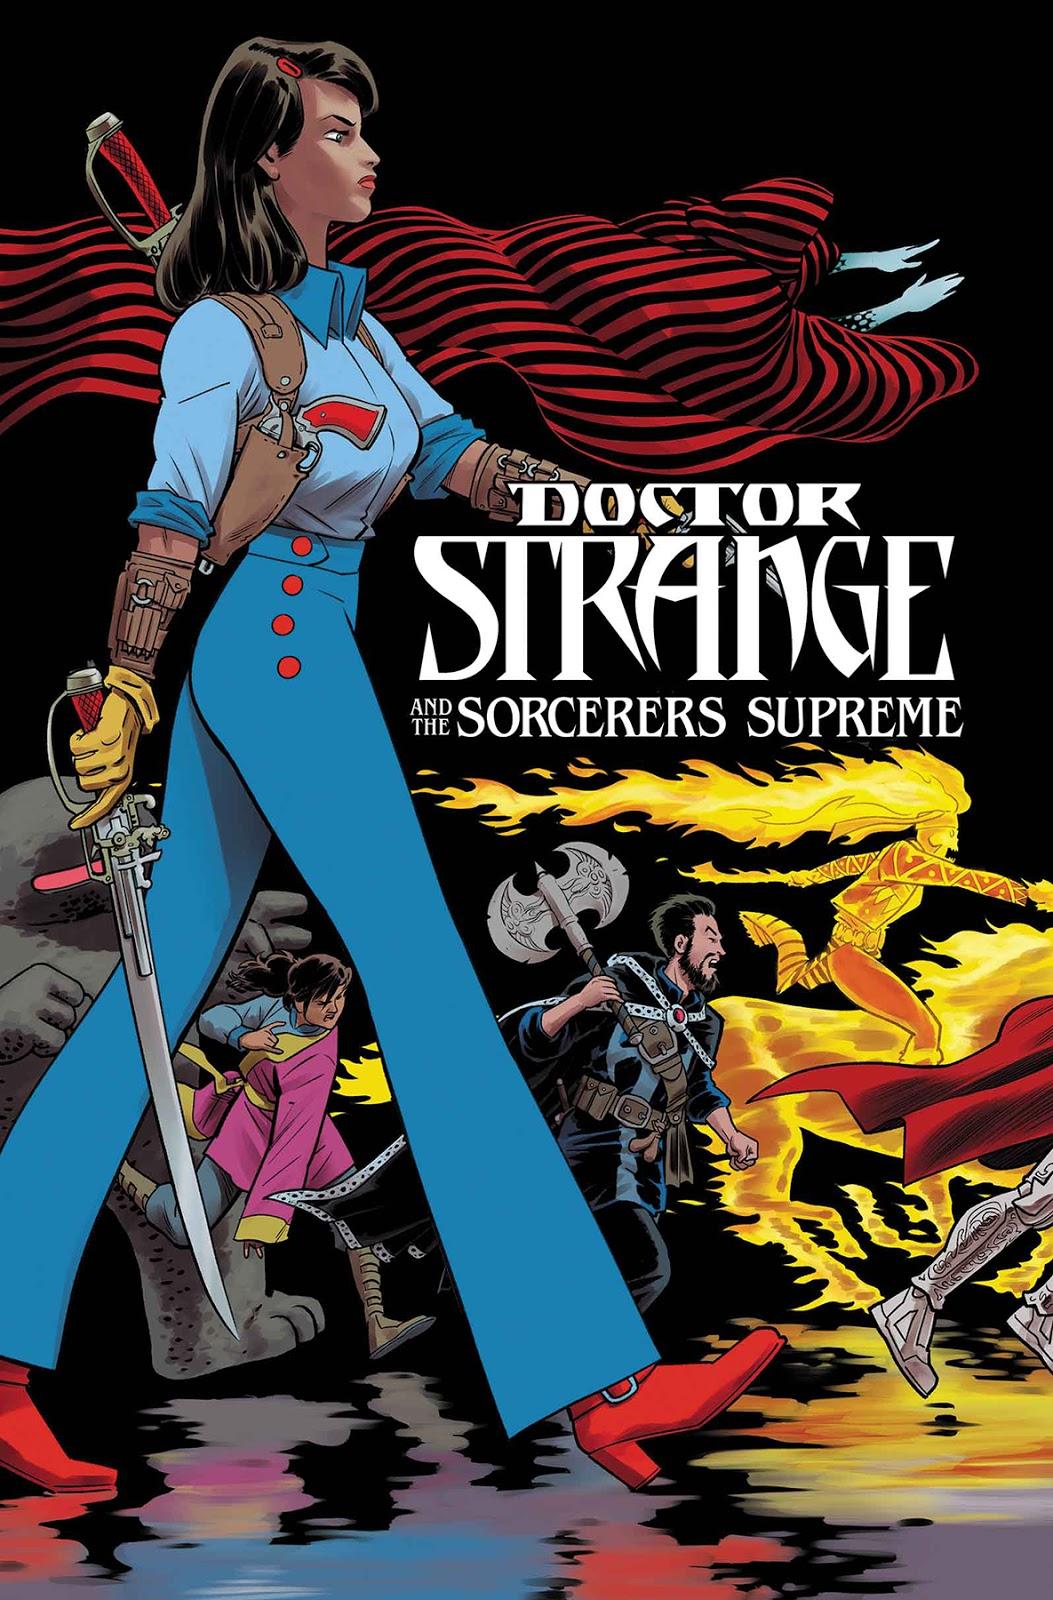 Sorceres Supreme - The Conjuror personagem brasileira Marvel